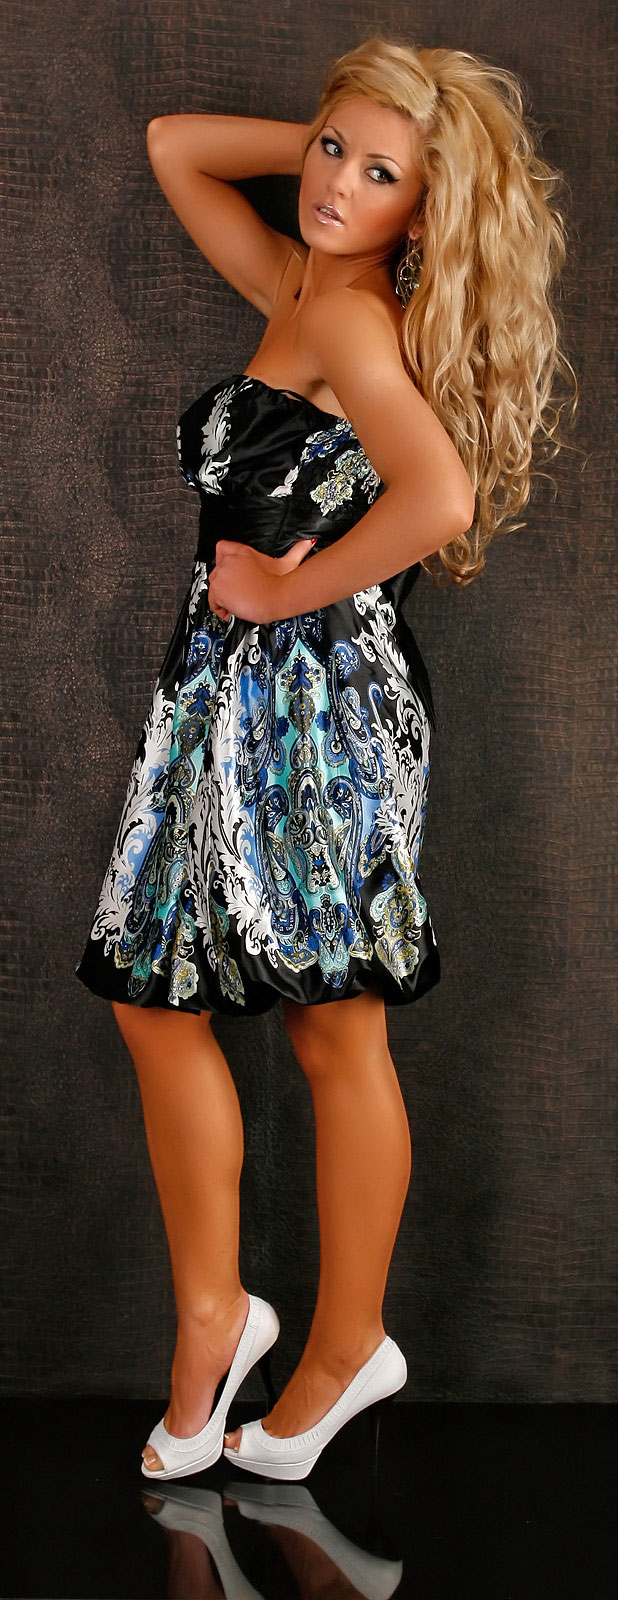 annawear - Trägerloses Kleid von Fashion Wave schwarz ...